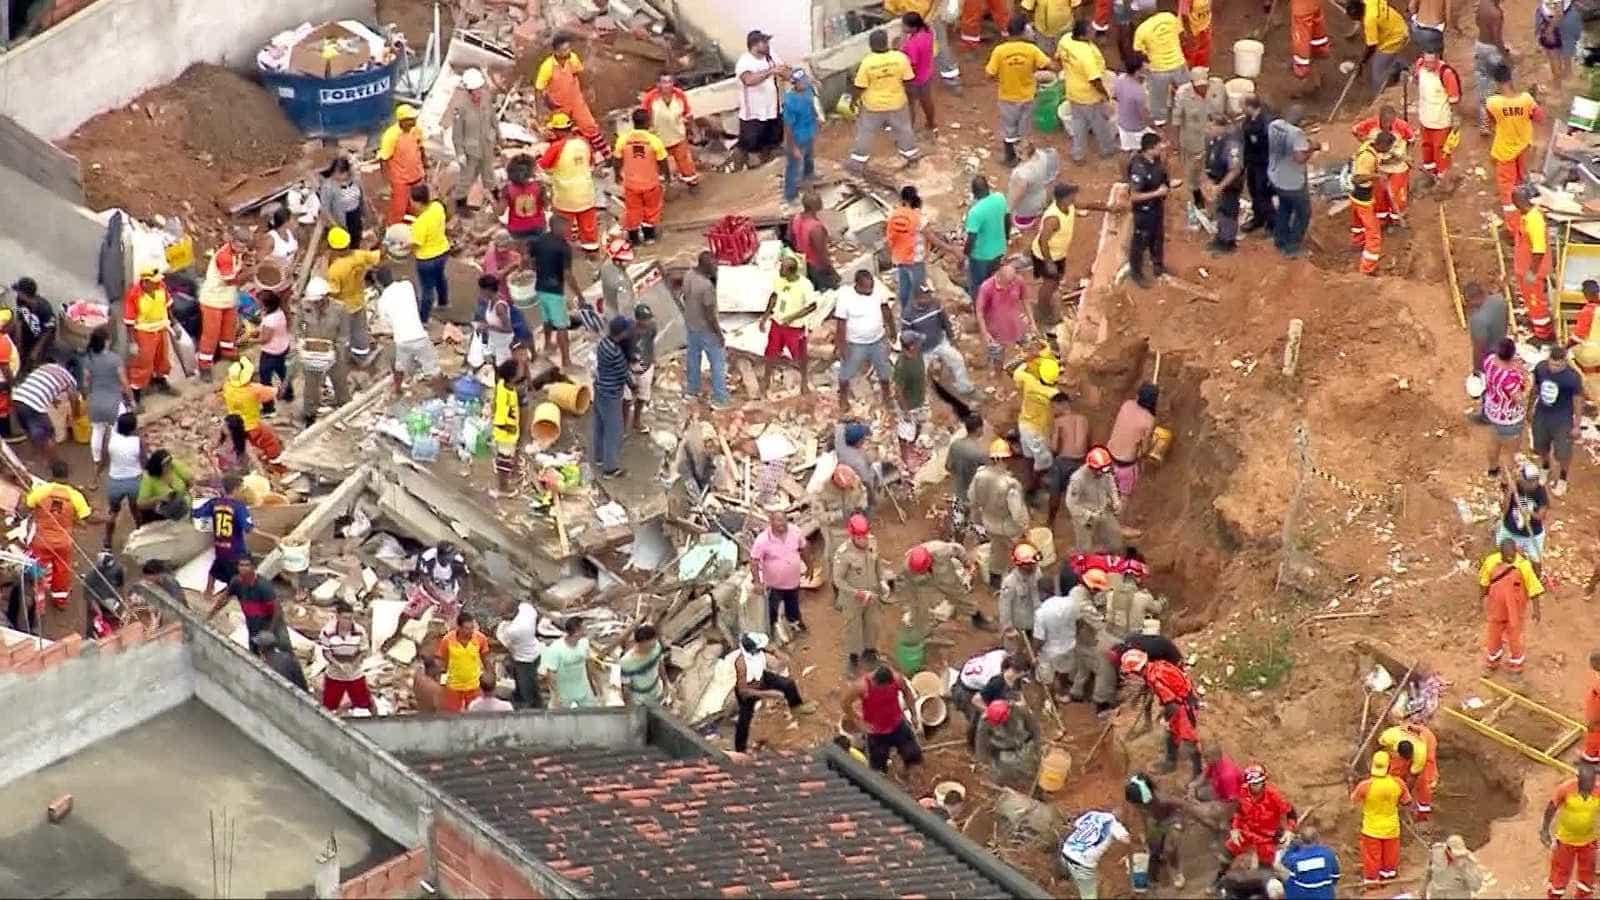 Deslizamento de morro deixa ao menos 7 mortos em Niterói, no RJ